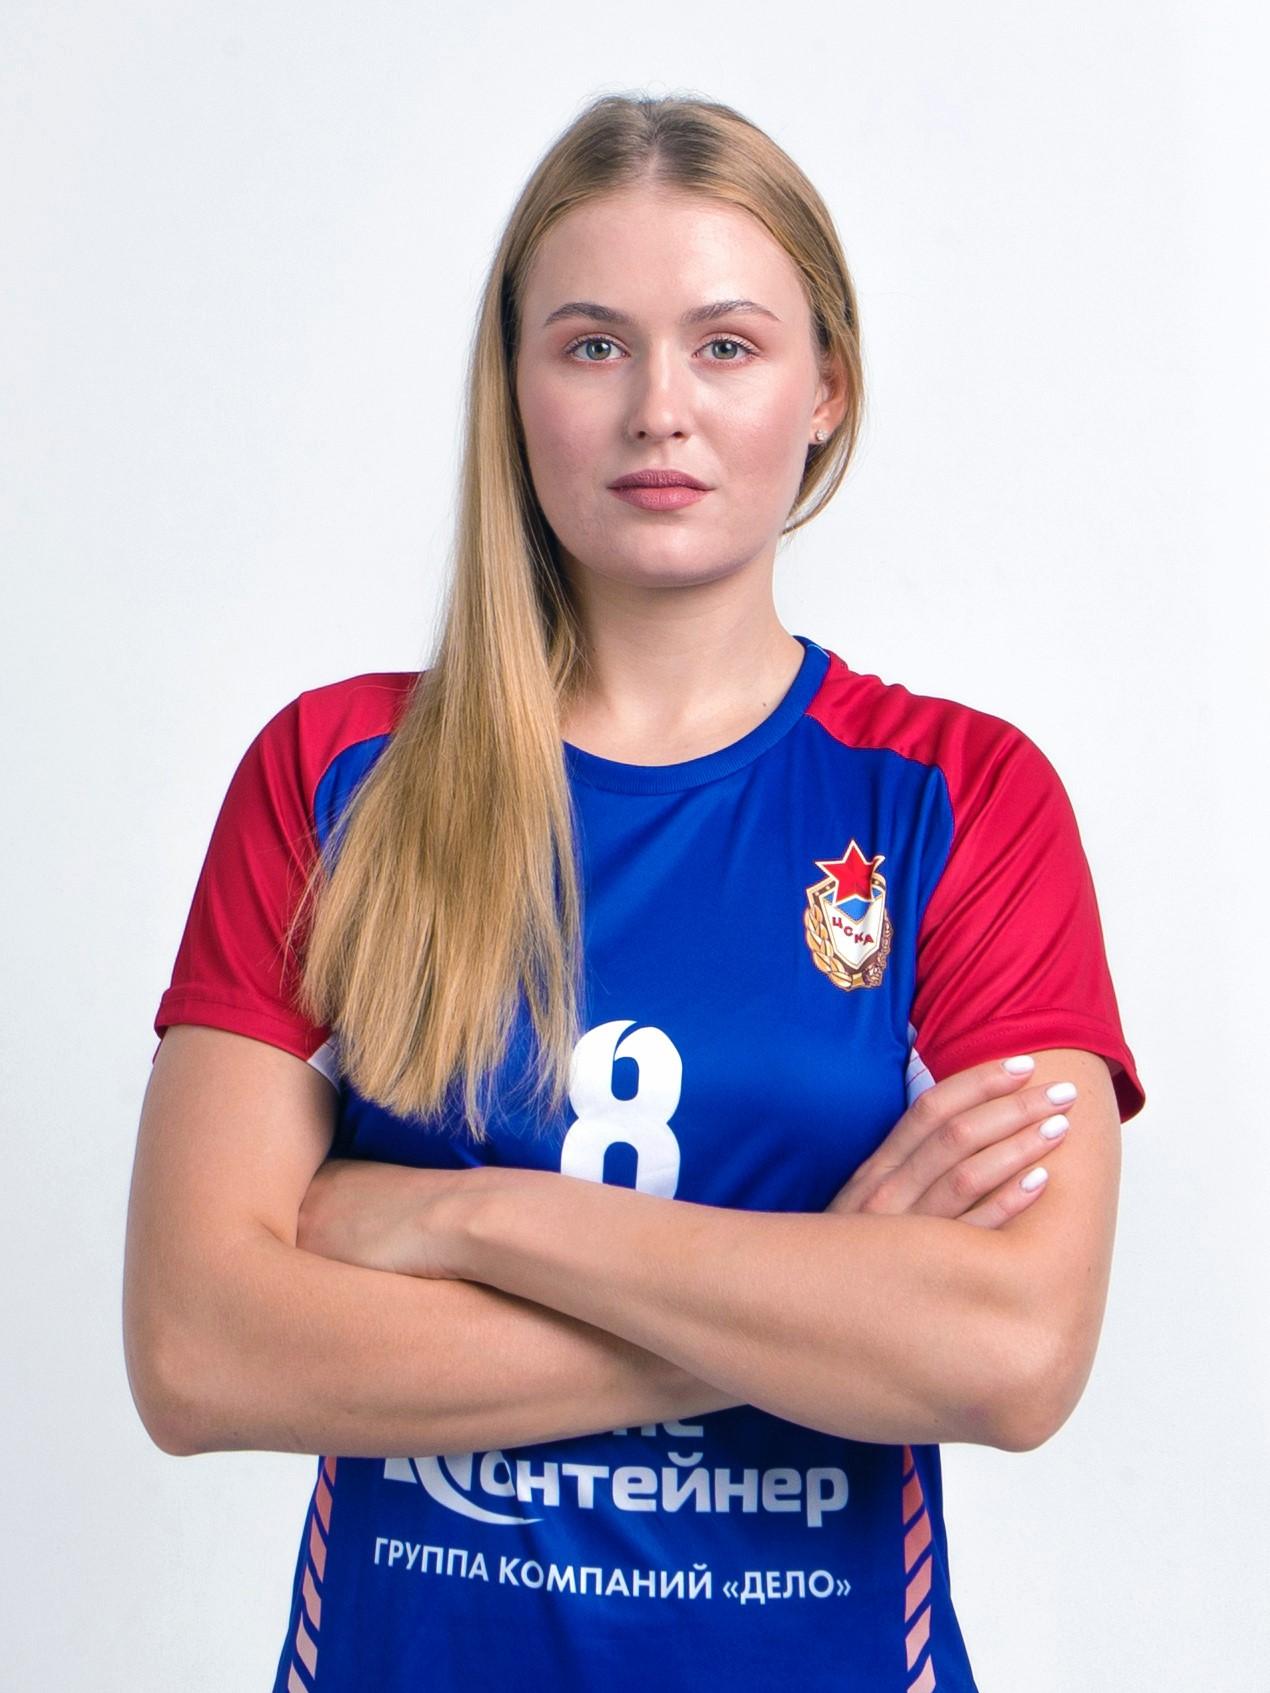 Михайличенко Елена Анатольевна